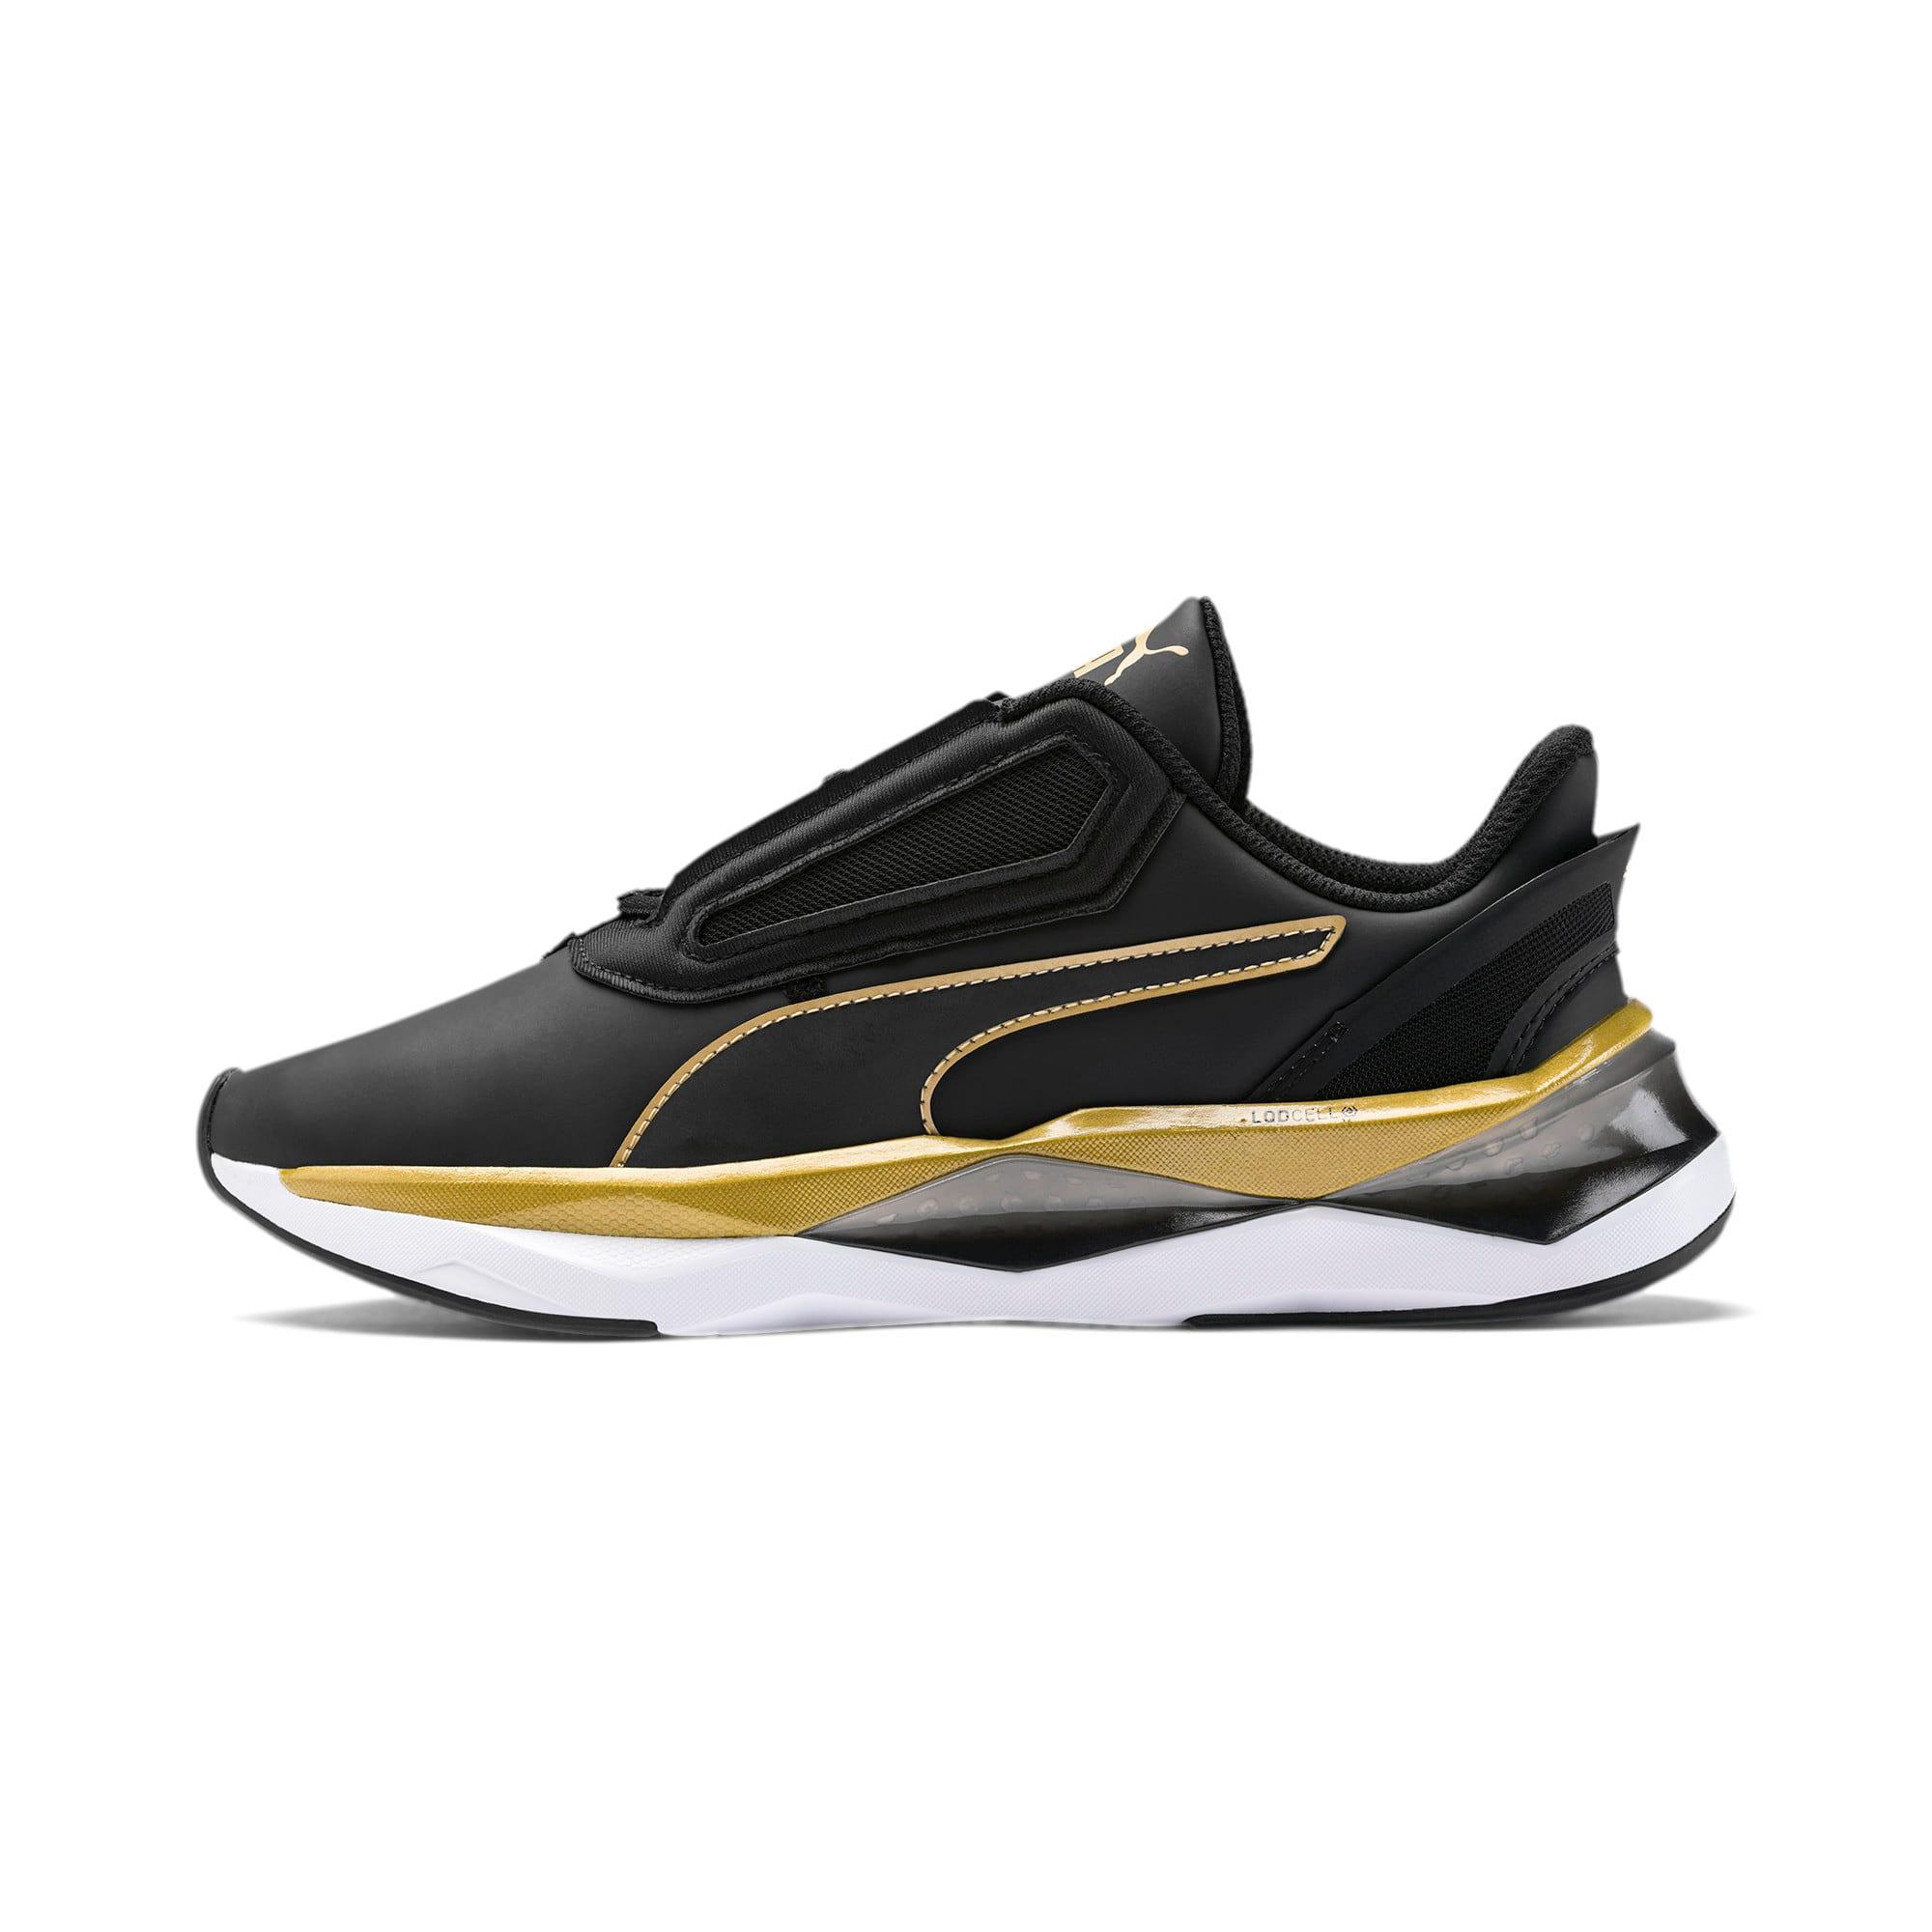 Thumbnail 1 of Shatter XT Matte LQDCELL Women's Running Shoes, Puma Black-Puma Team Gold, medium